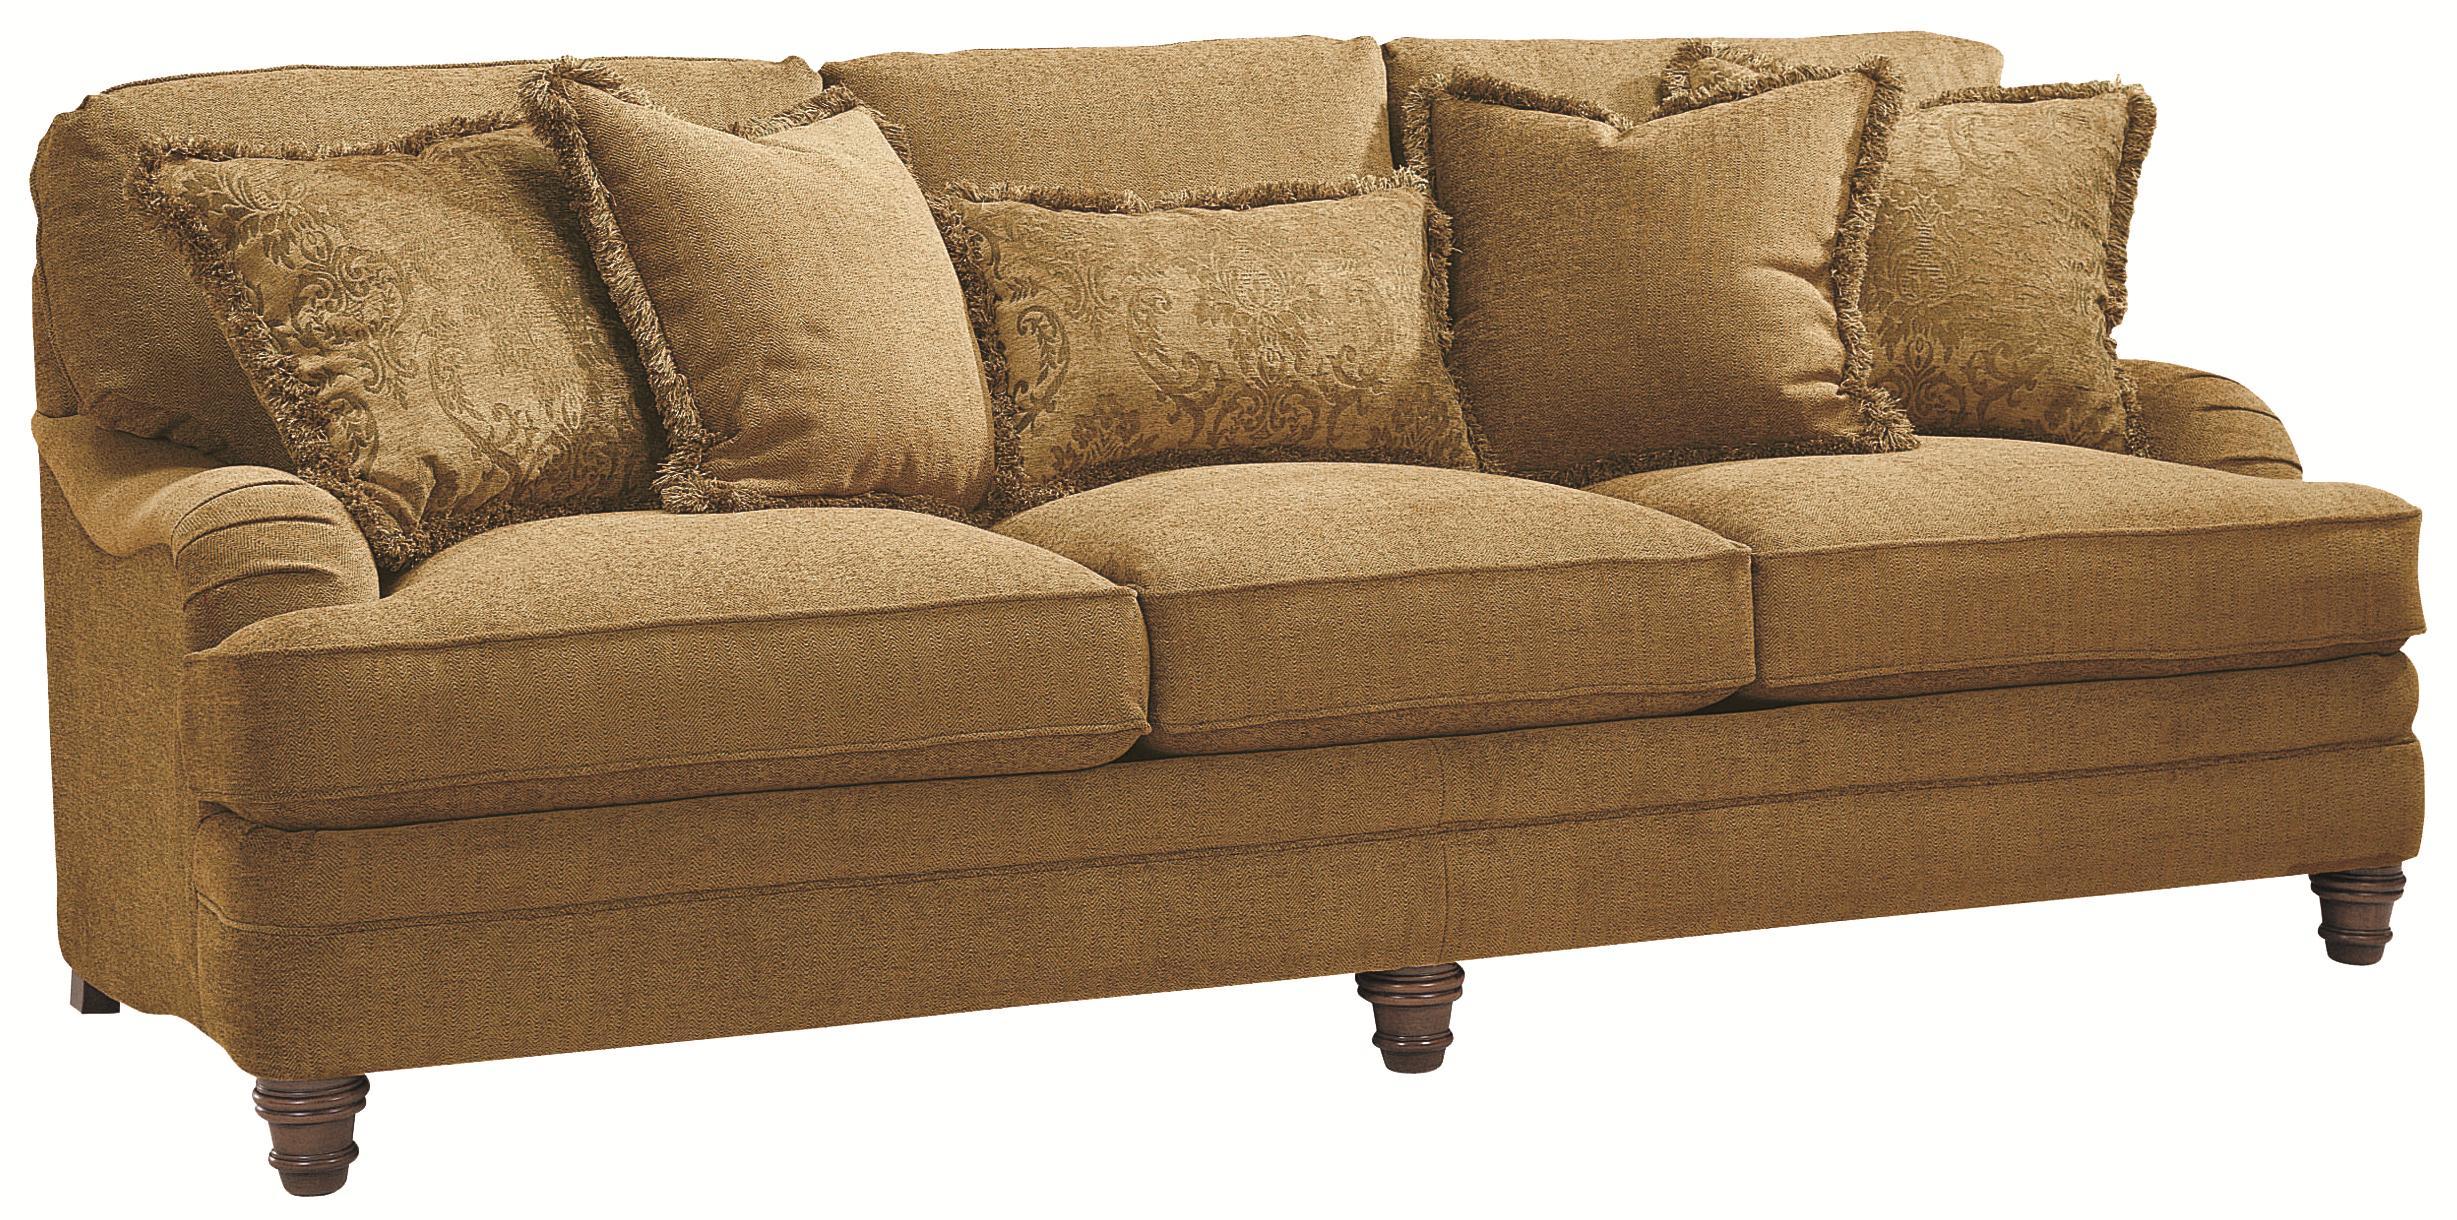 Bernhardt Tarleton Traditional Styled Stationary Sofa in Slightly ...